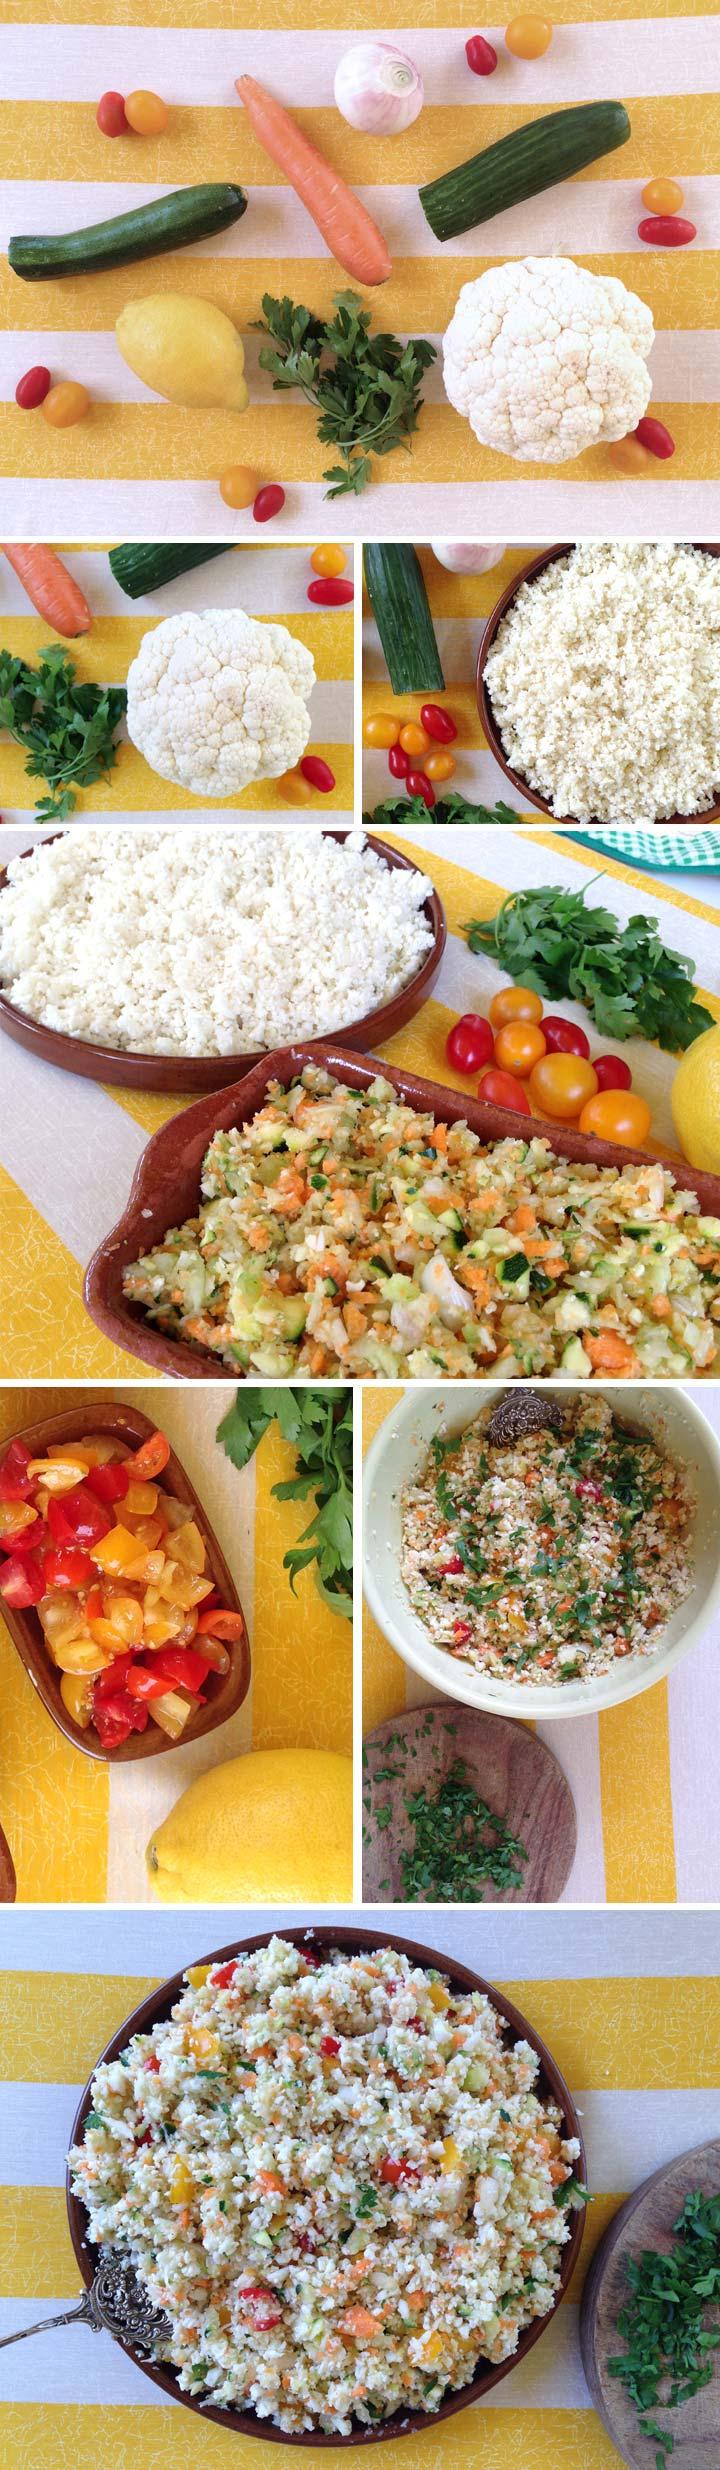 Ingredientes y elaboración tabulé de arroz crudivegano